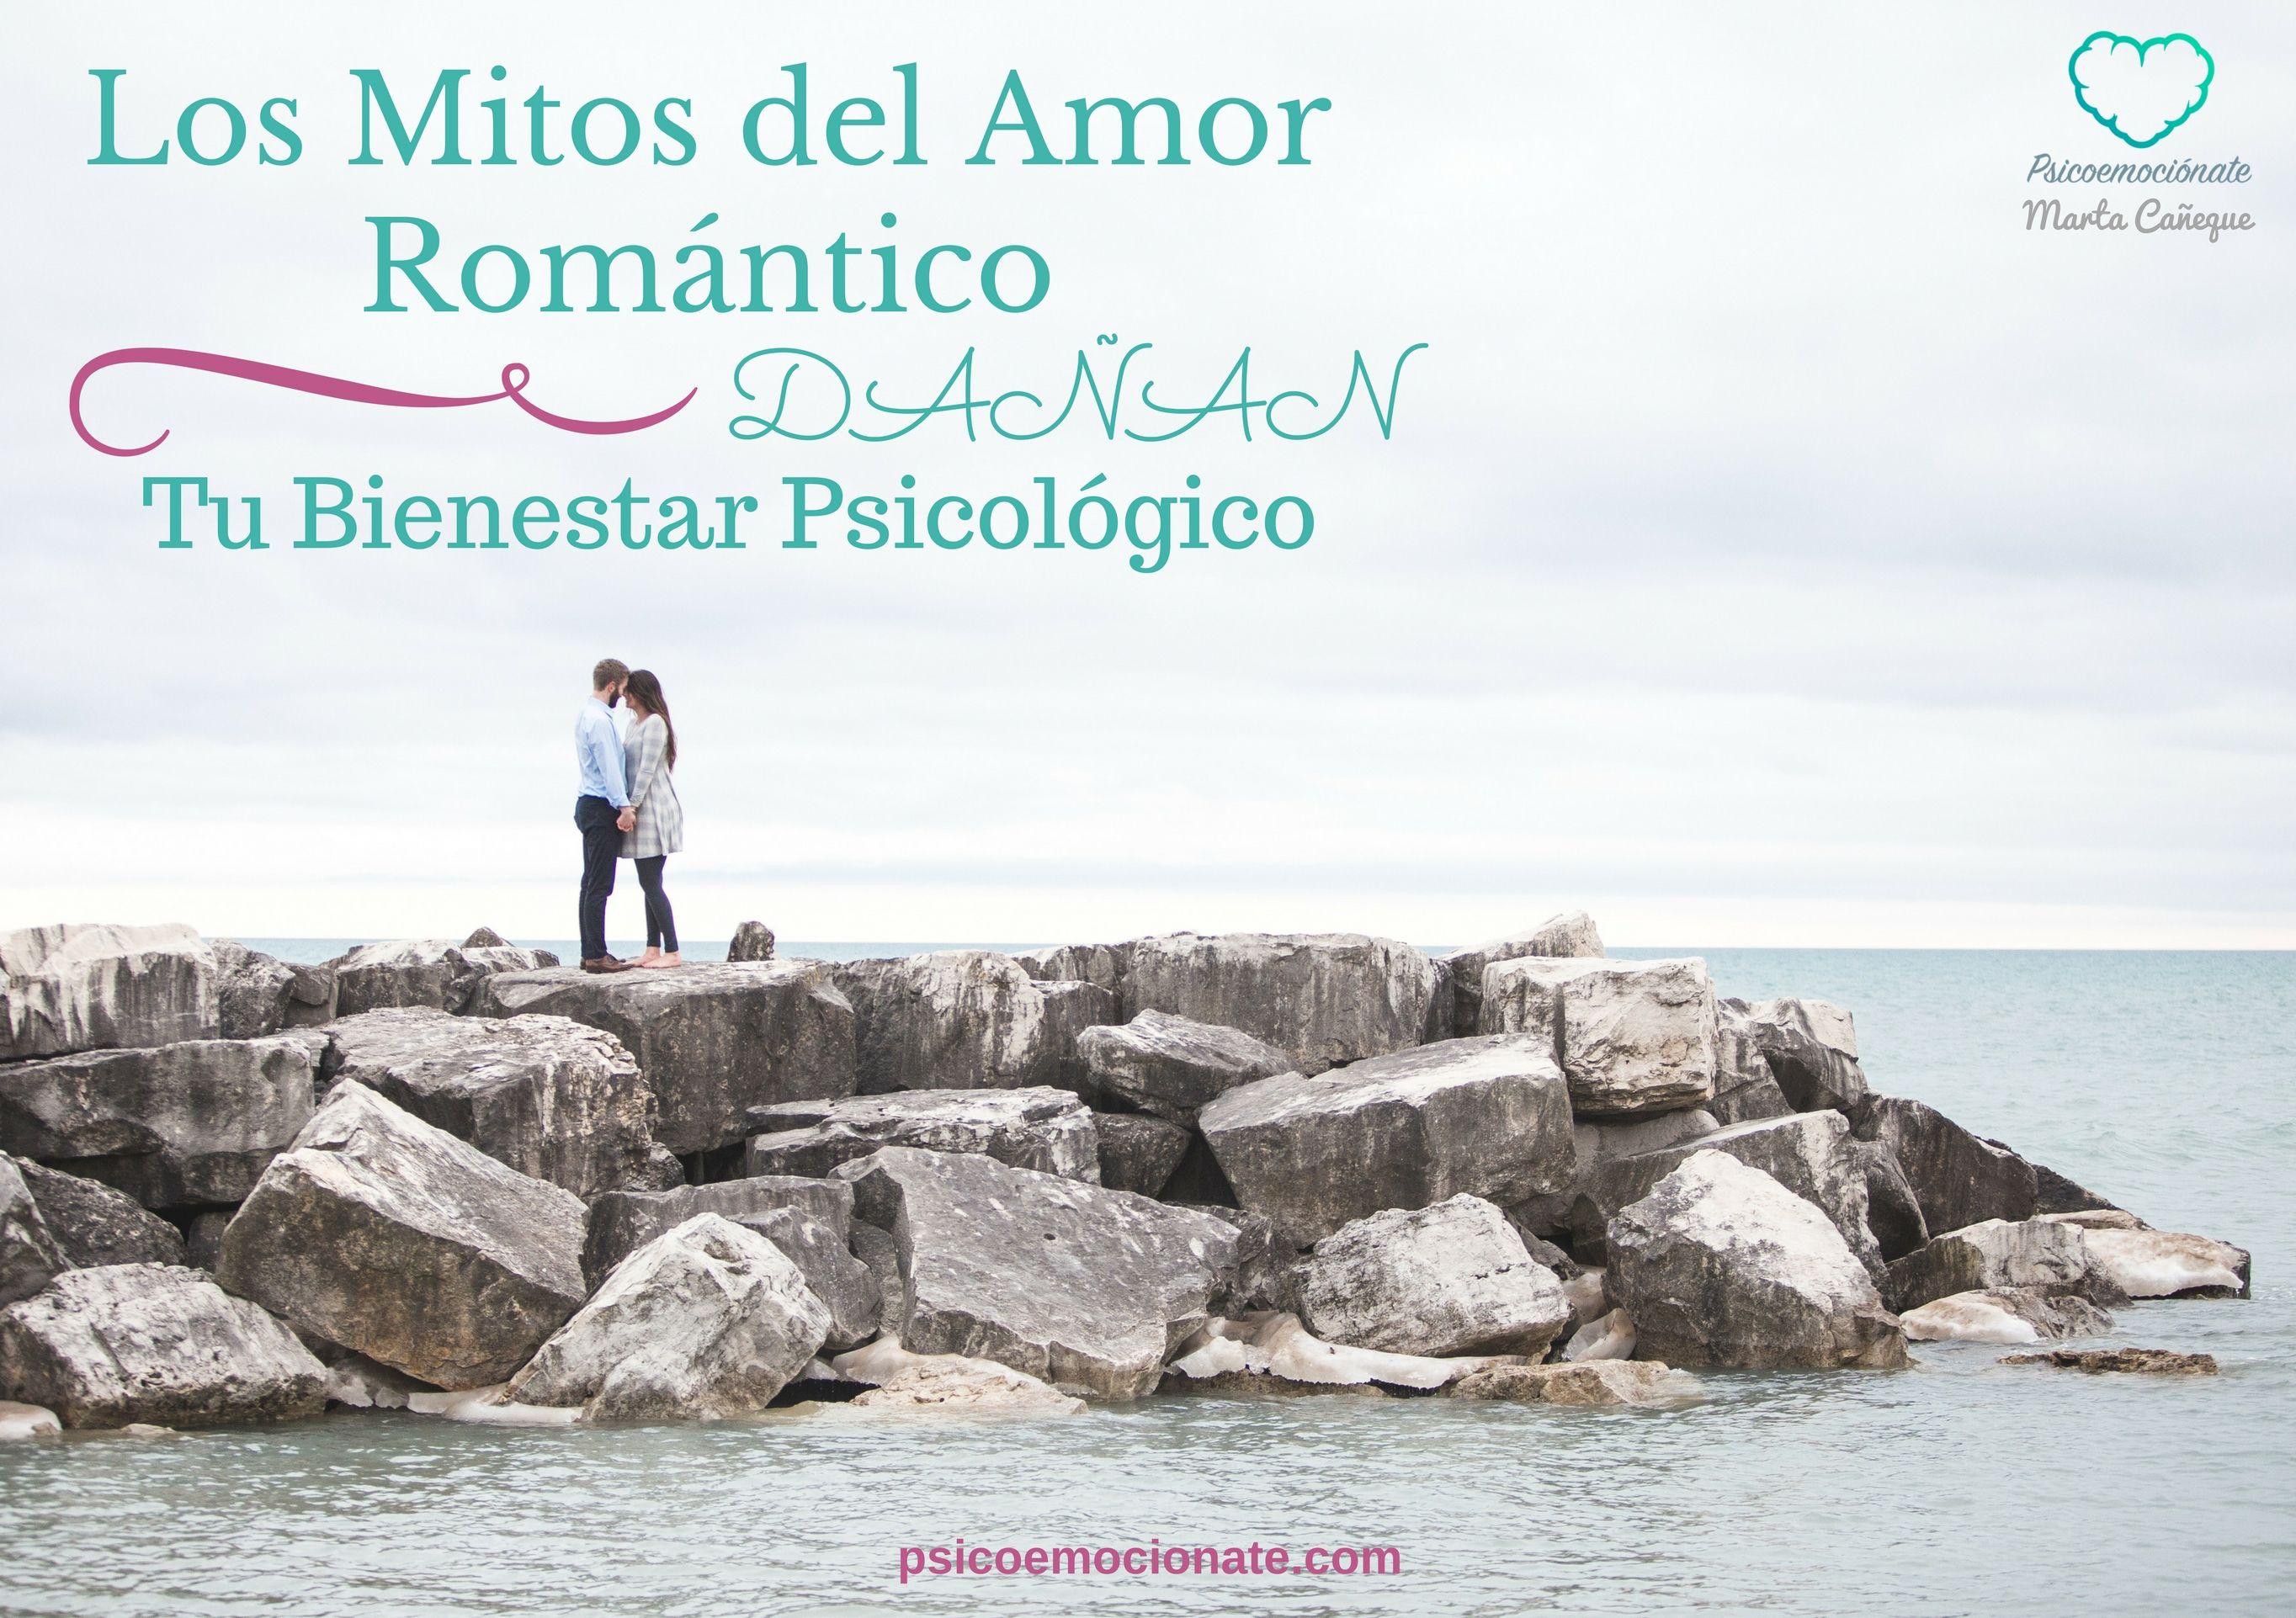 Mitos del Amor Romántico psicoemocionate